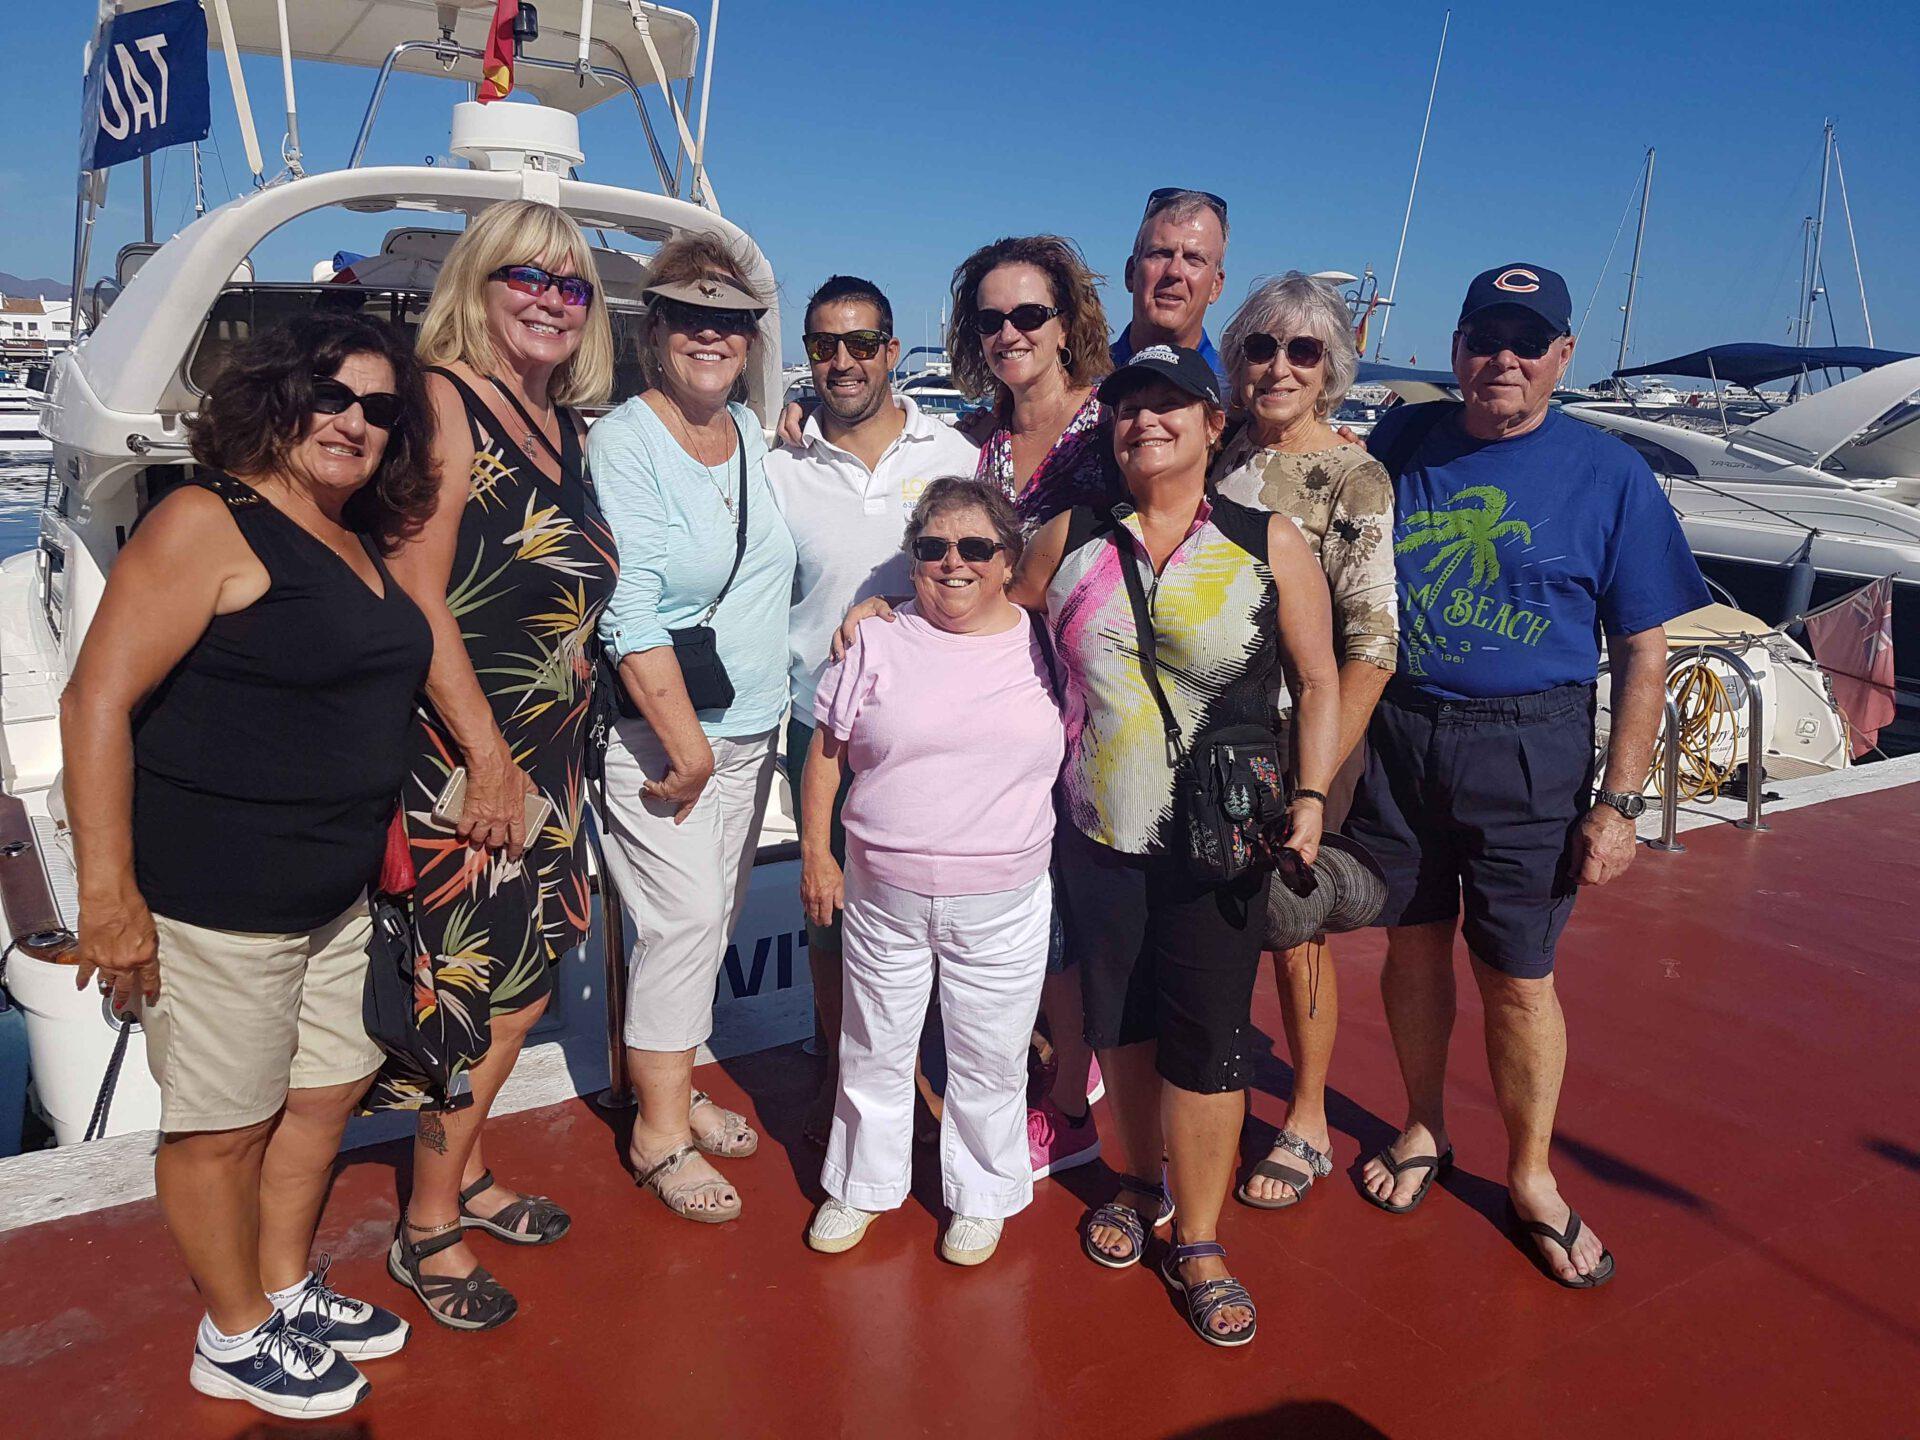 boat lovitcharter party family